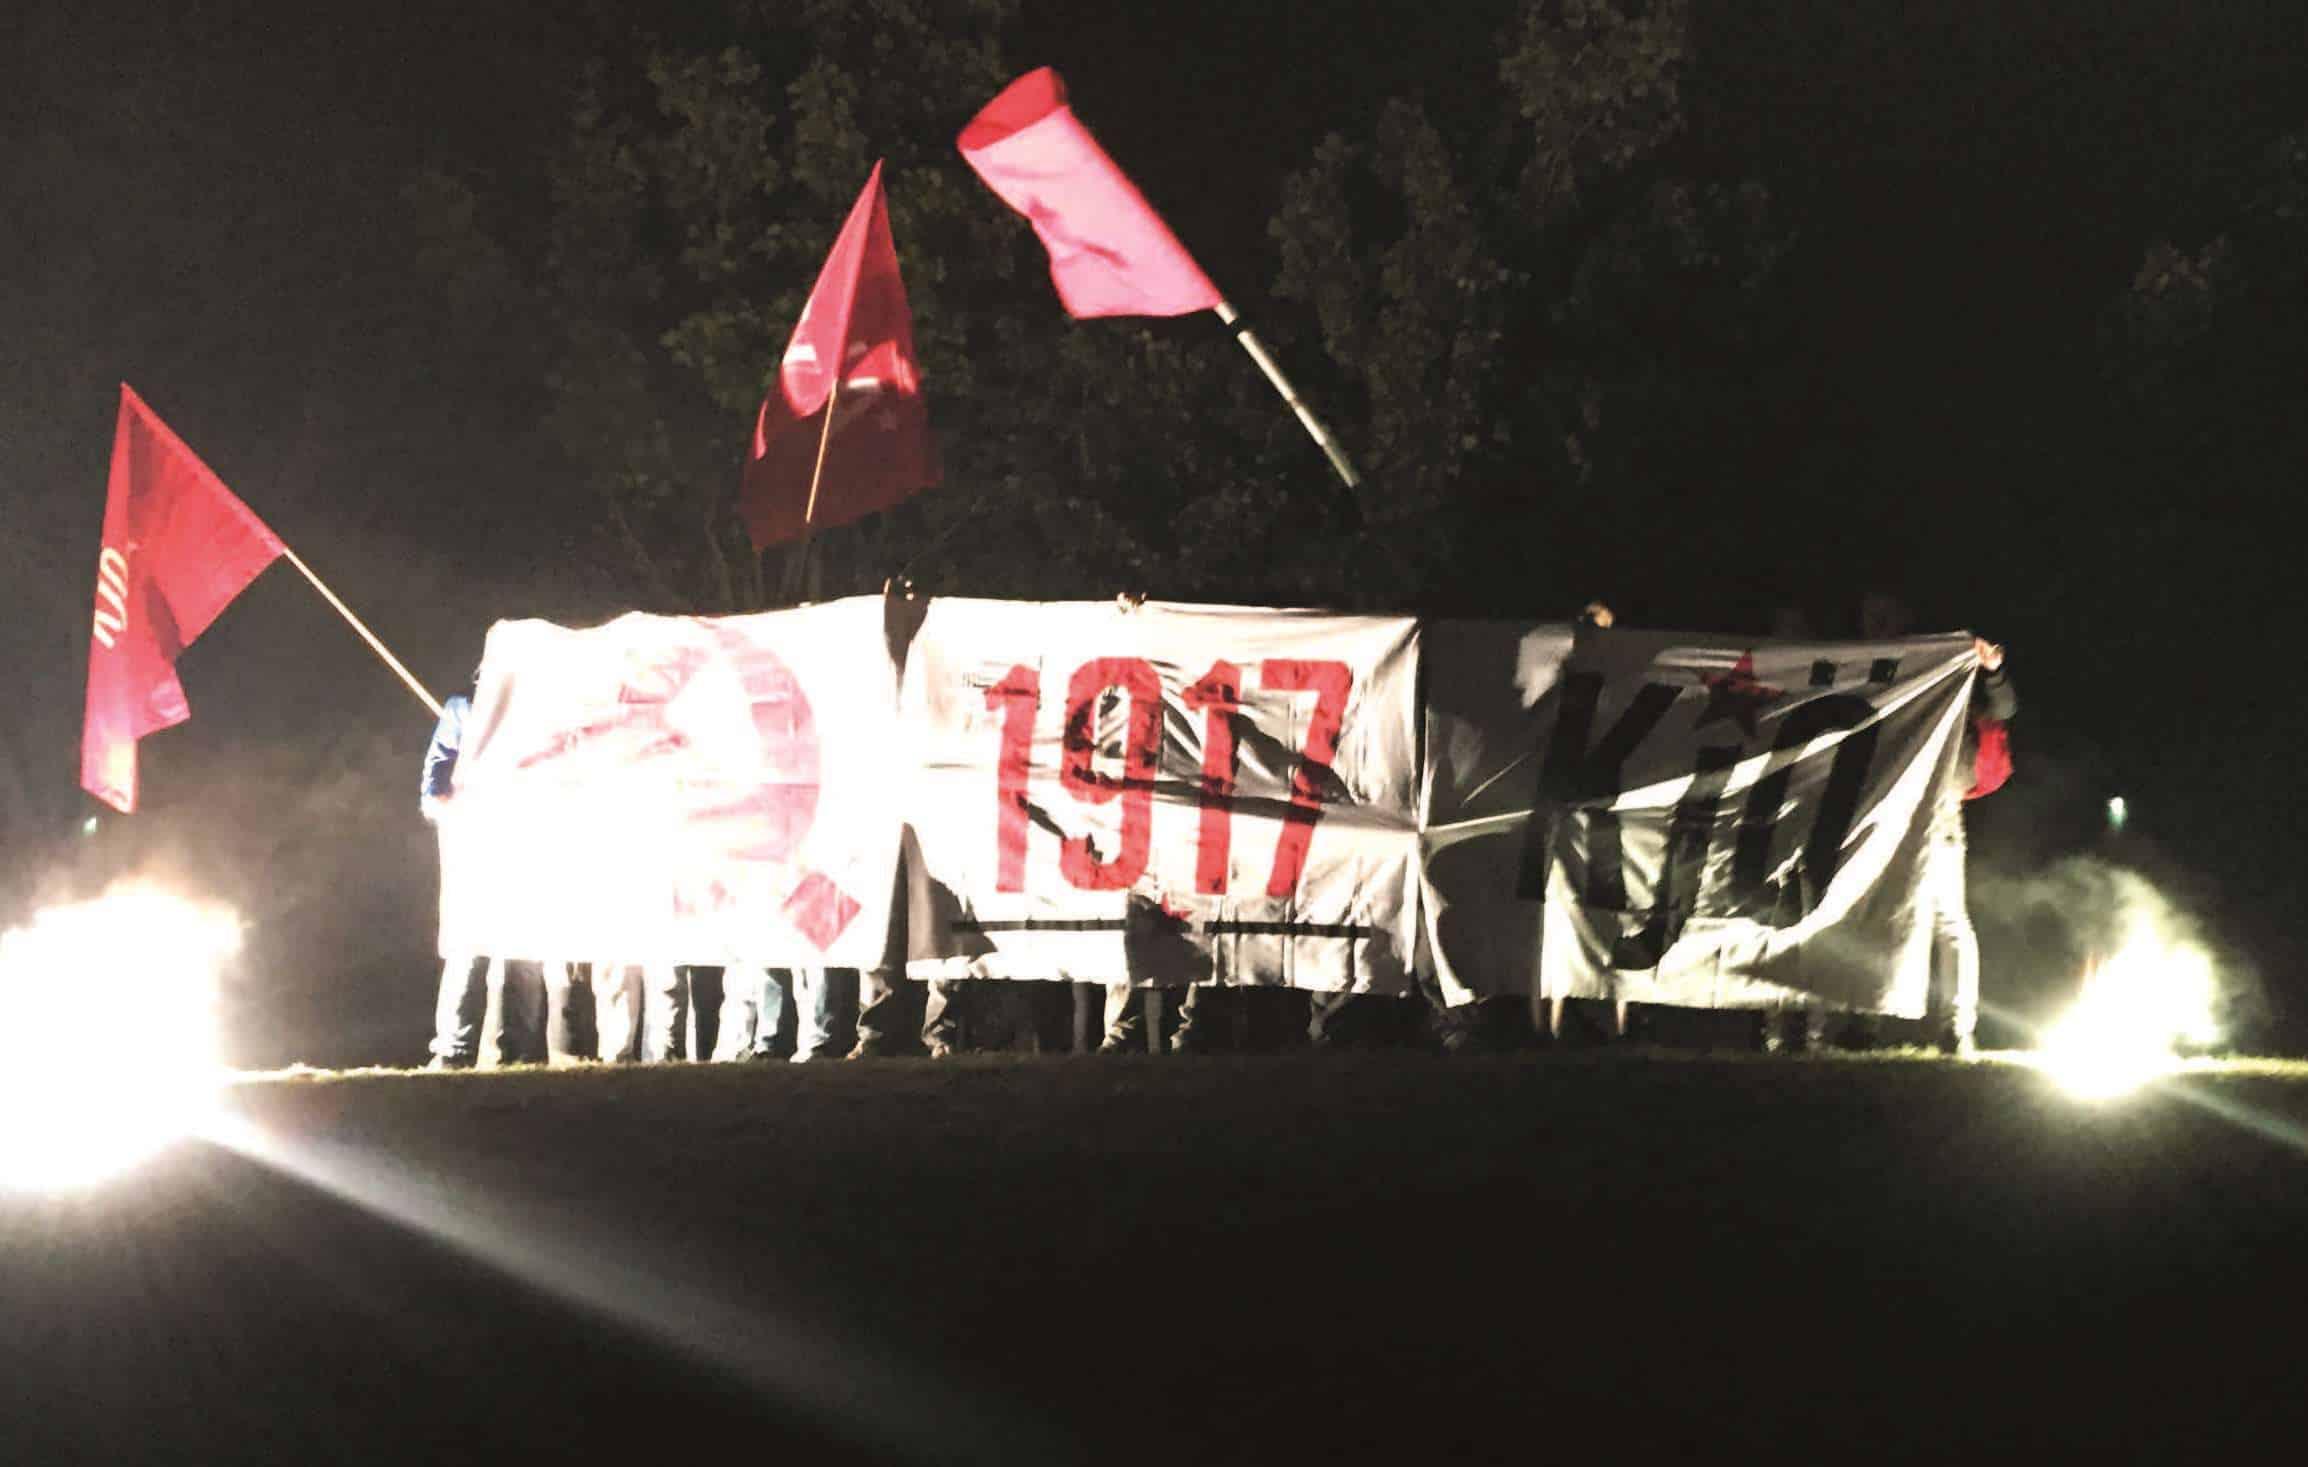 Transparent zu Ehren der Großen Sozialistischen Oktoberrevolution in Russland